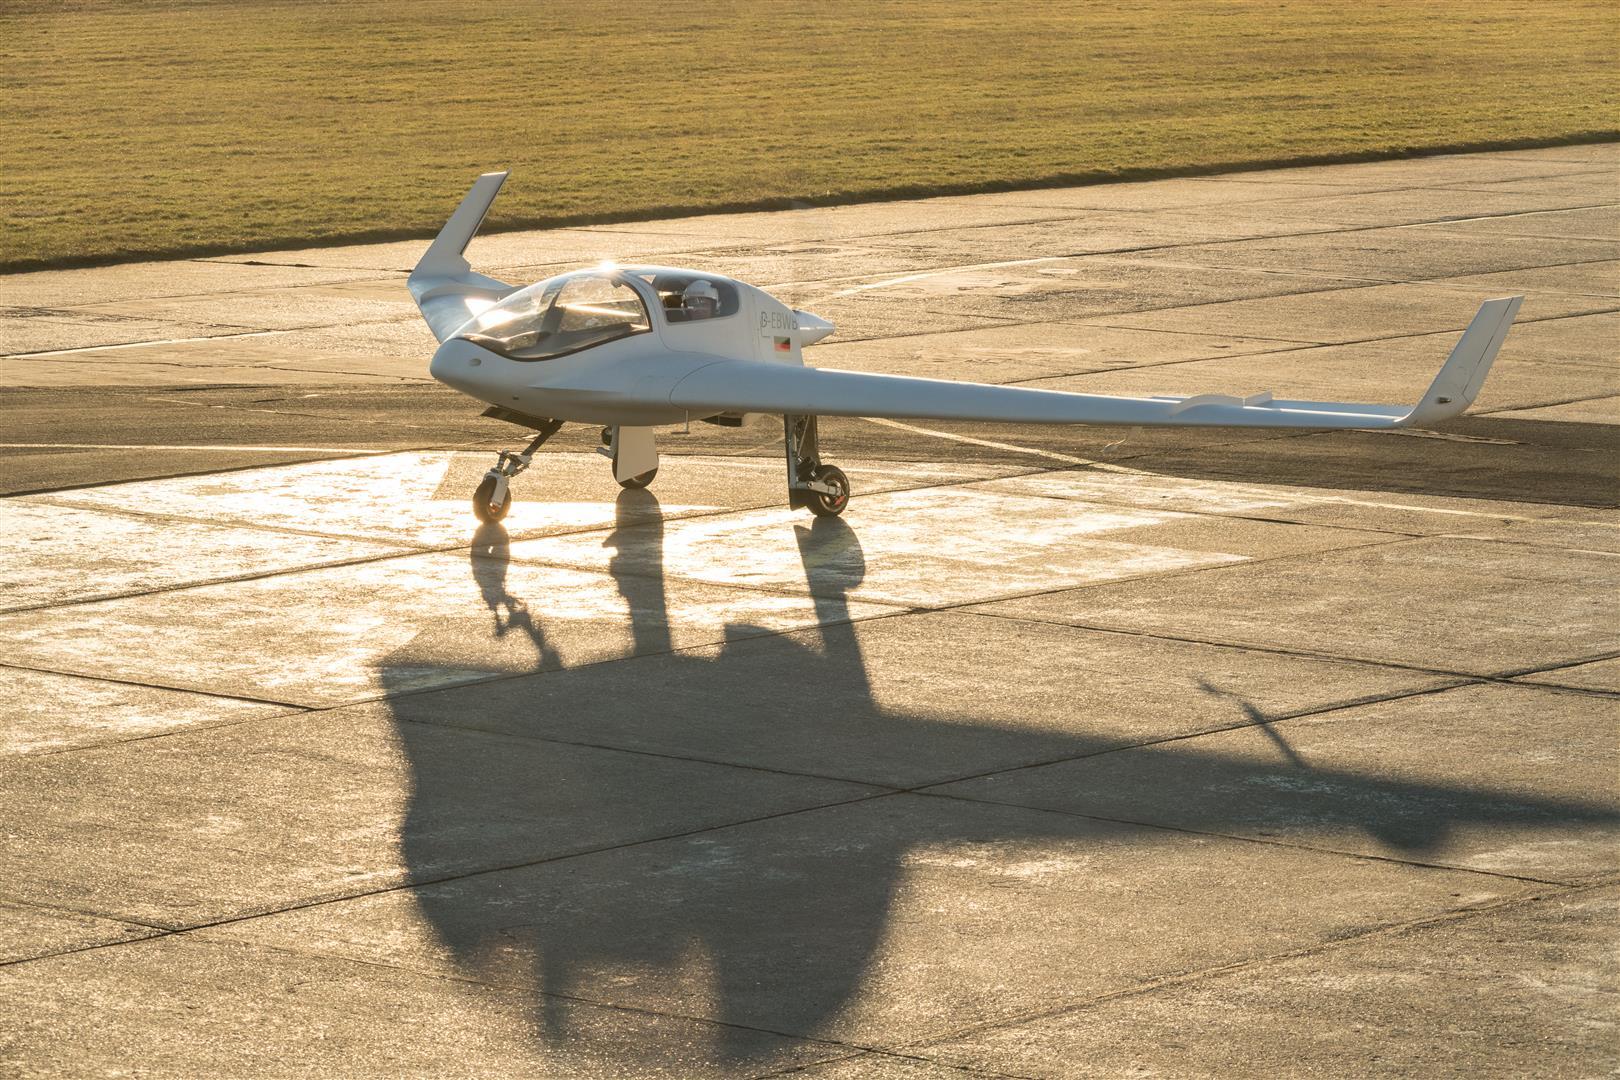 Samokřídlo Horten HX-2 úspěšné absolvovalo sérii testovacích letů